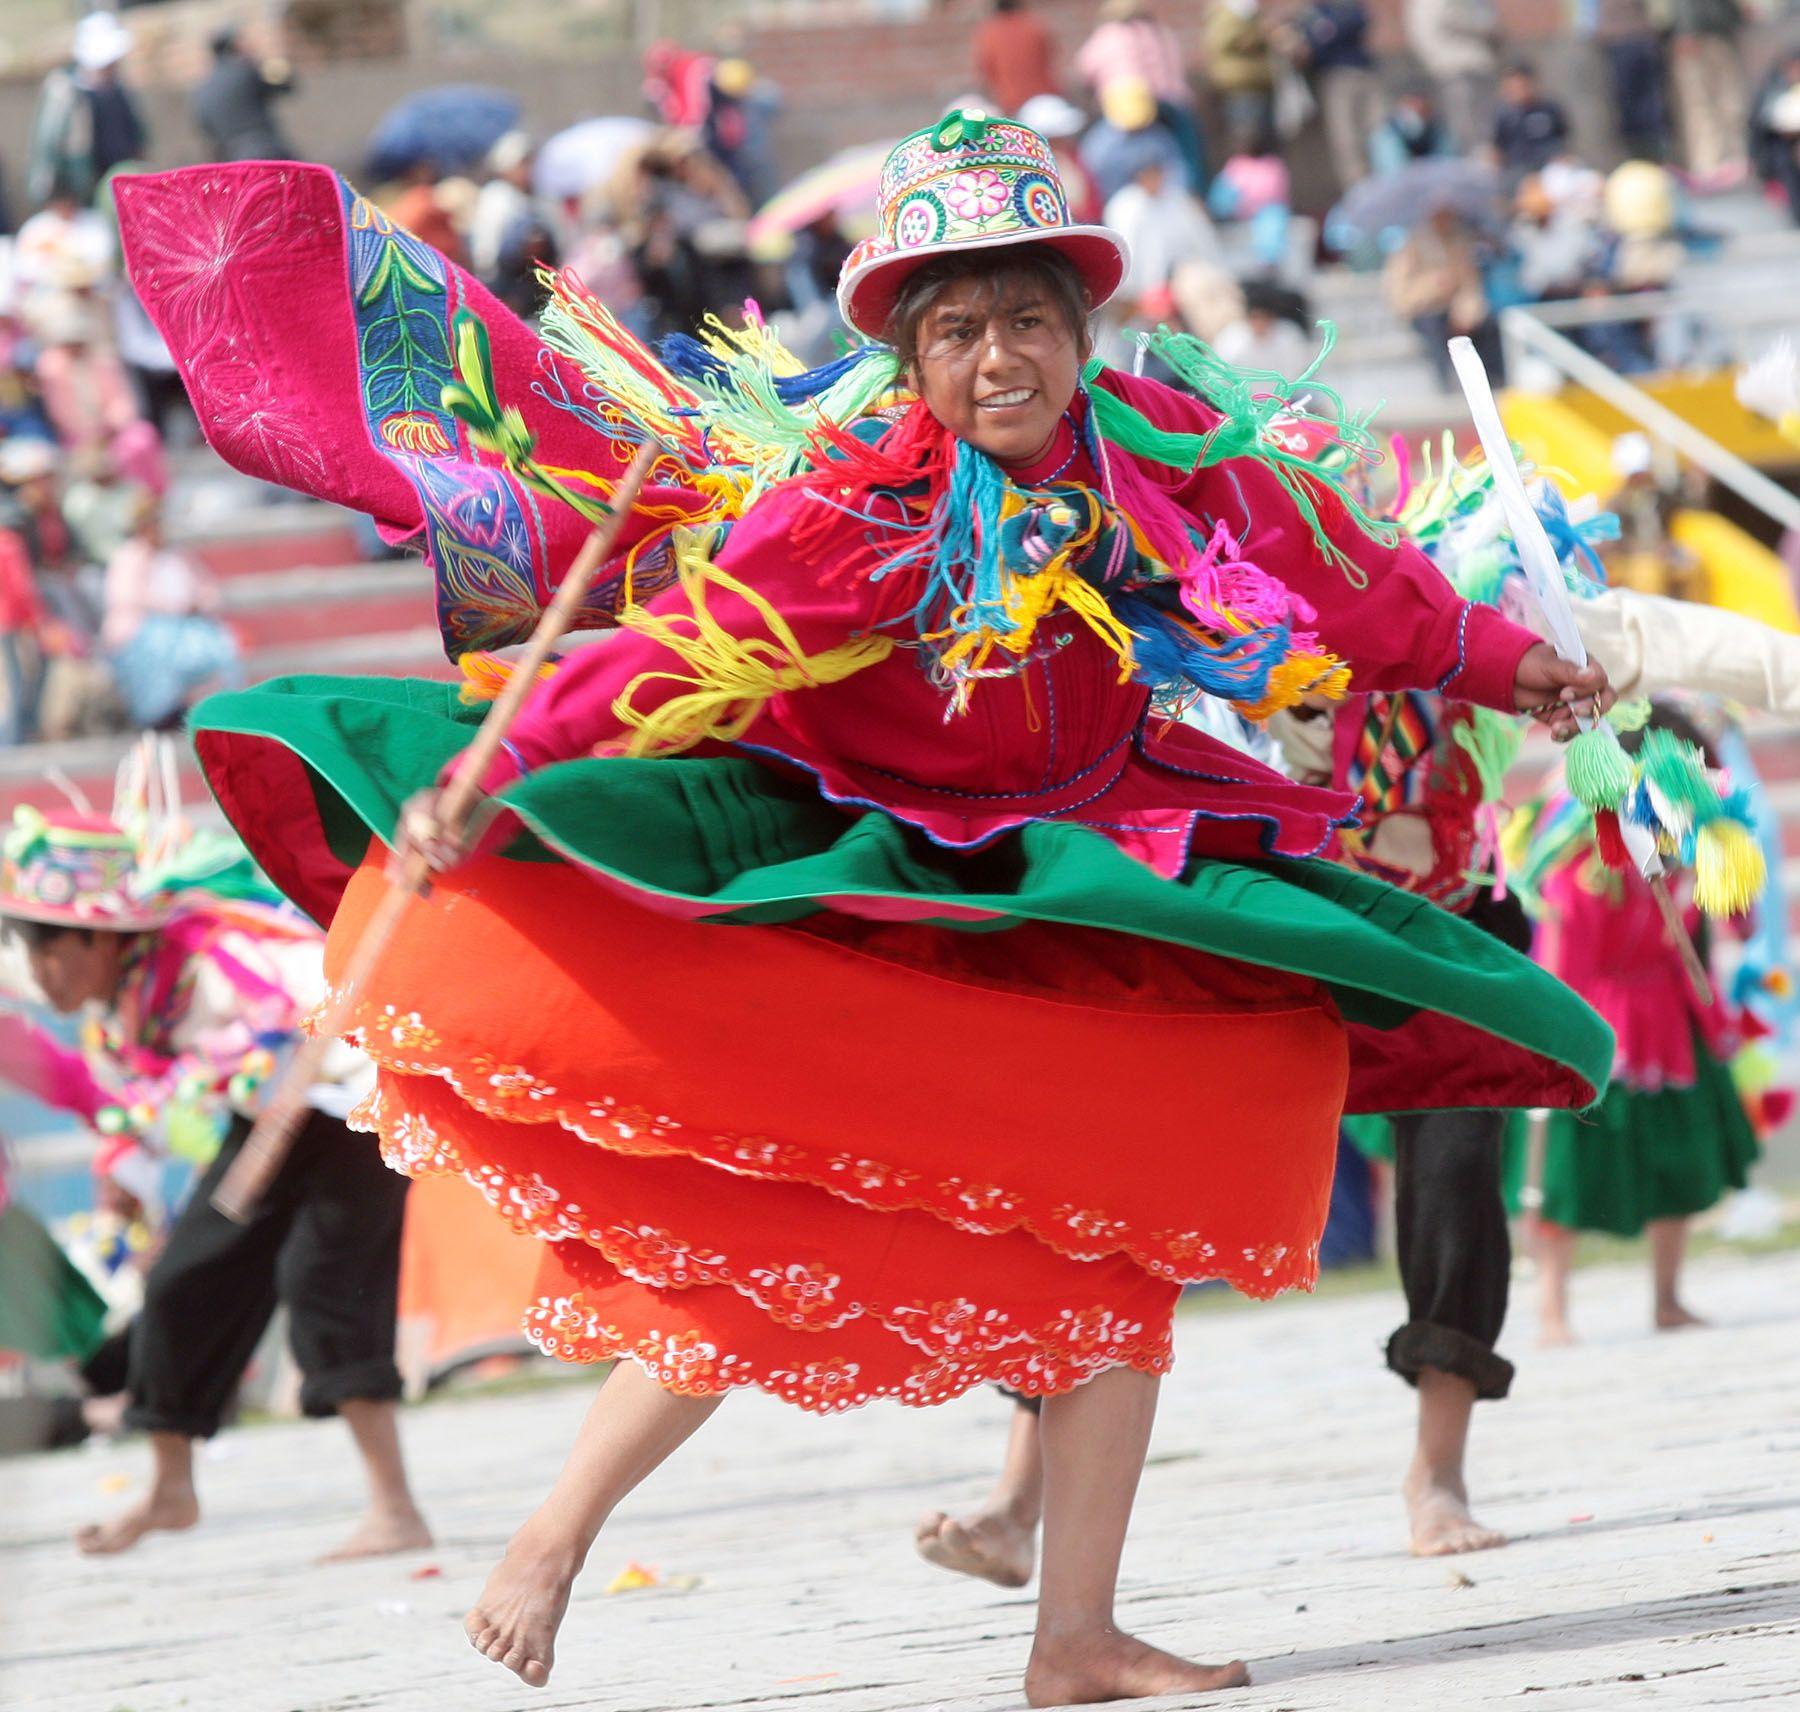 La ciudad de Puno está de fiesta. Foto: ANDINA / Archivo / Carlos Lezama